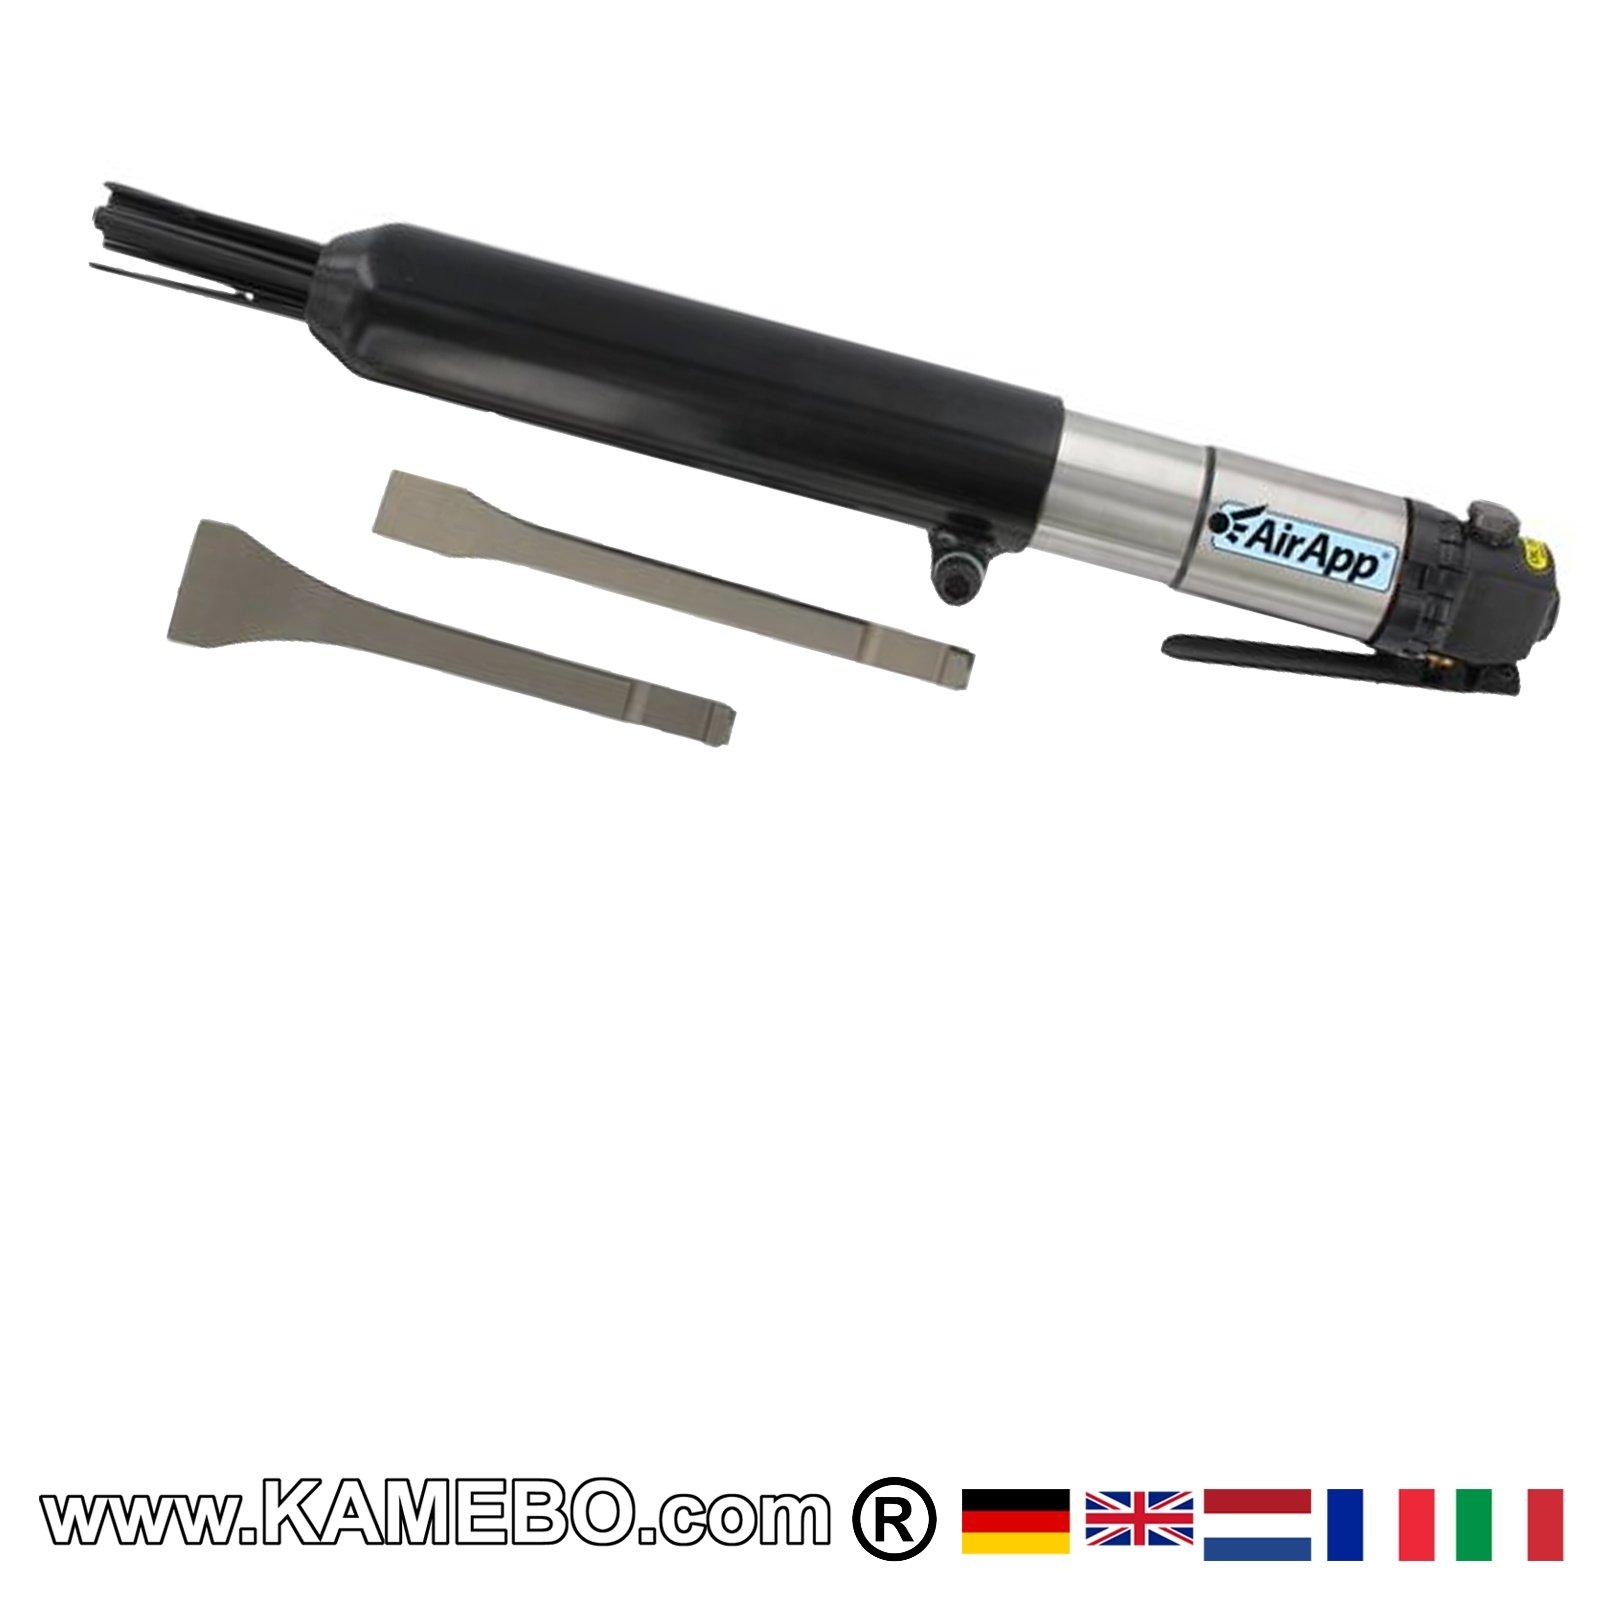 Airapp d capeur aiguilles pneumatique et marteau burineur gn5 kamebo - Marteau burineur pneumatique ...